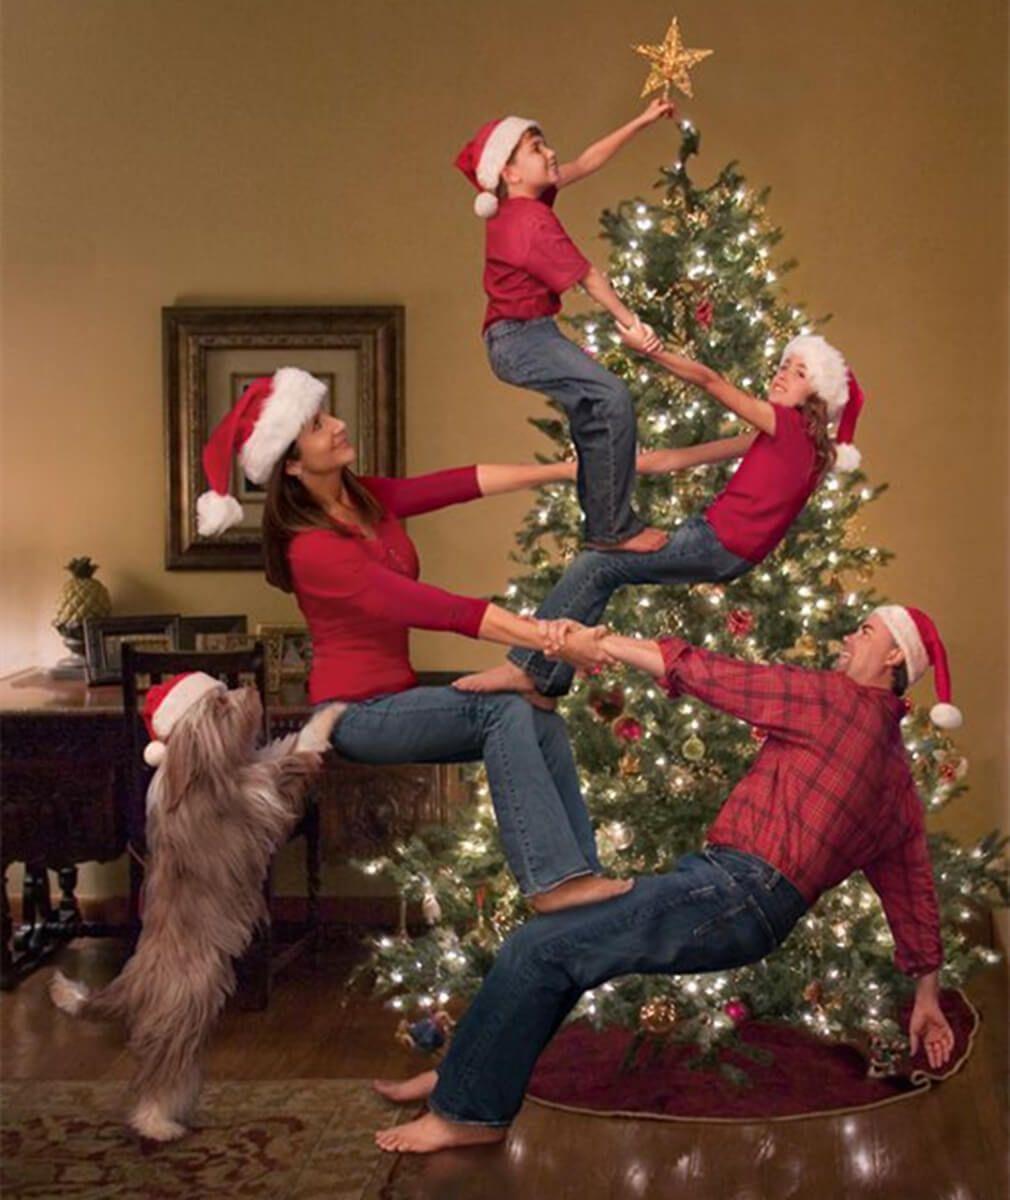 Share This Family Acro Yoga Christmas Yoga Acro Familyfunny